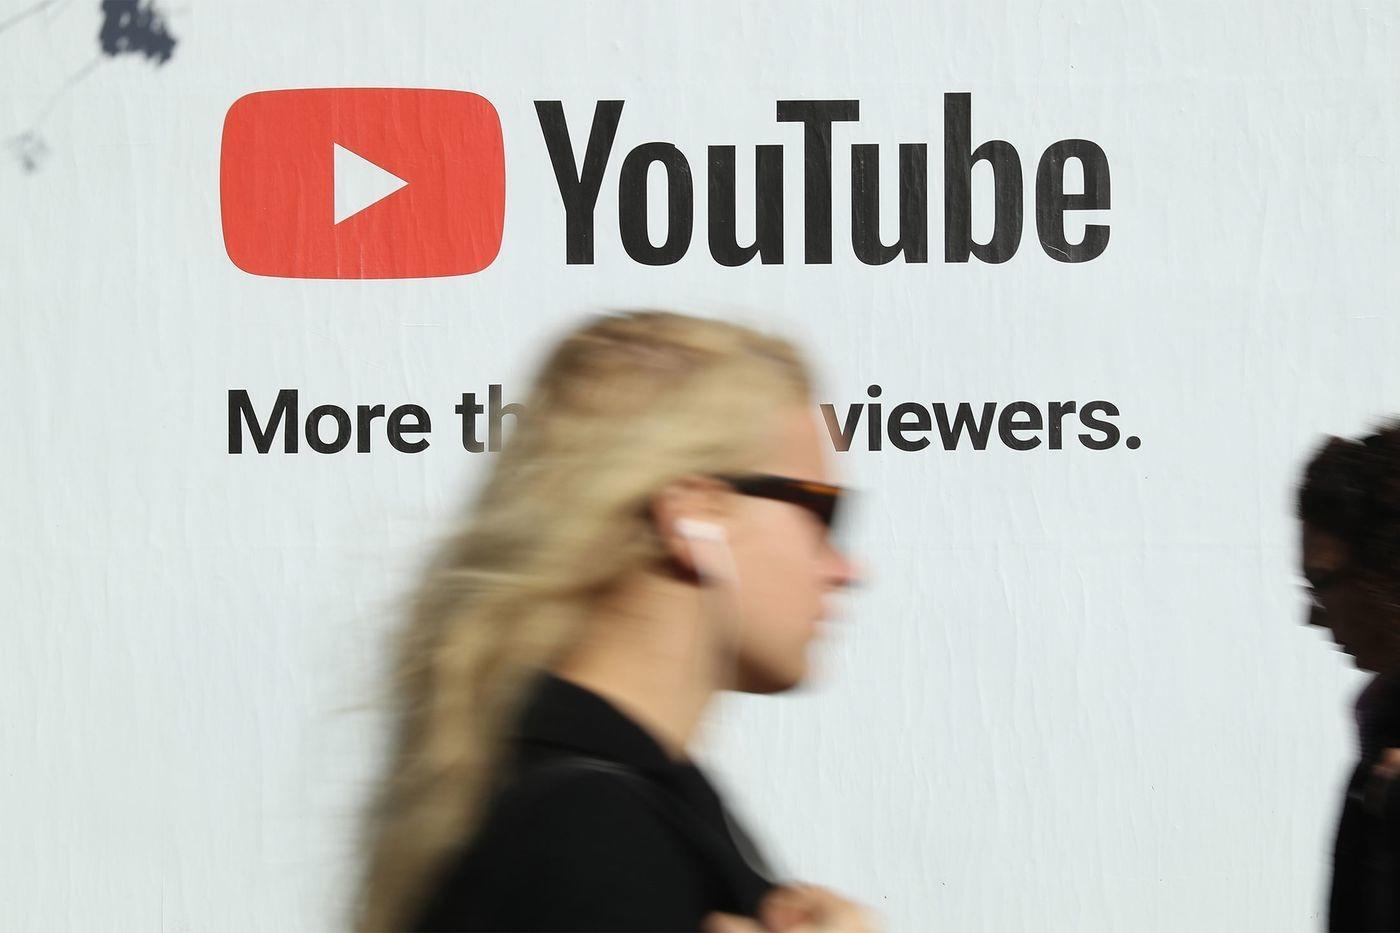 """Báo nước ngoài lên án YouTube cố tình phớt lờ, """"dung dưỡng"""" video xấu độc - 1"""